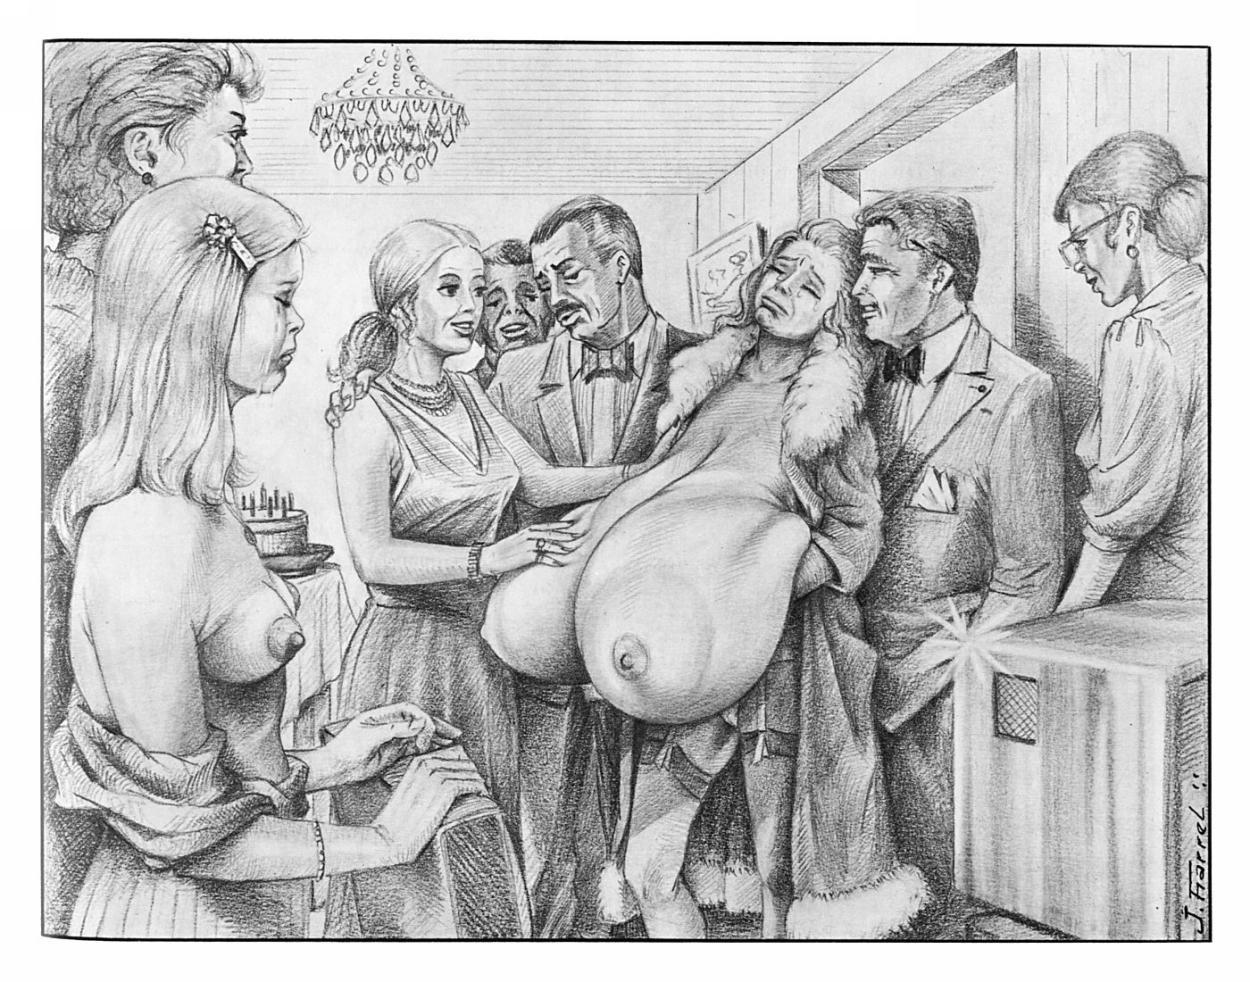 Сексуальные упытки девушек фото 4 фотография